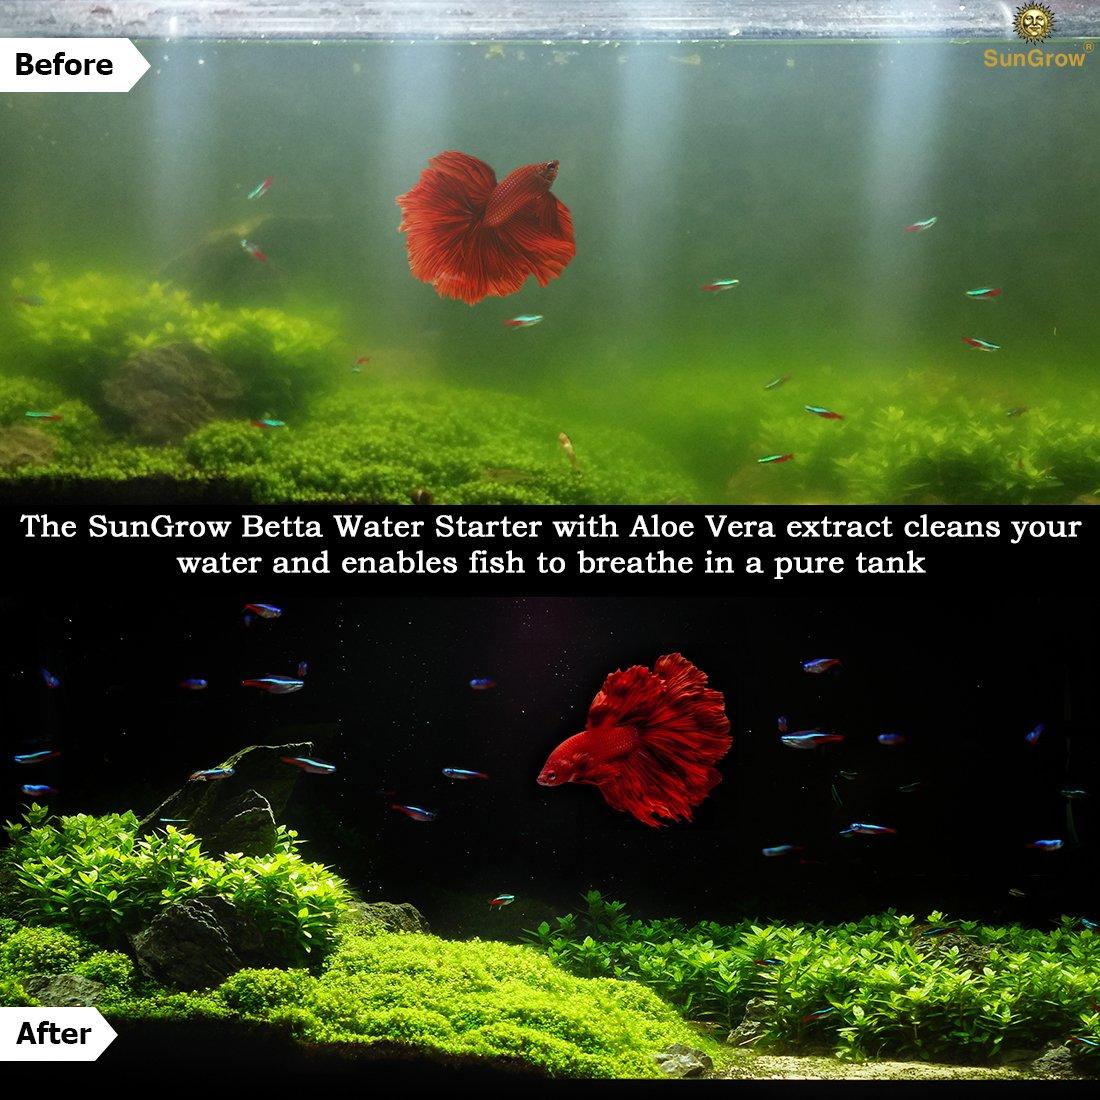 Amazon.com : SunGrow Betta Water Starter : Pet Supplies